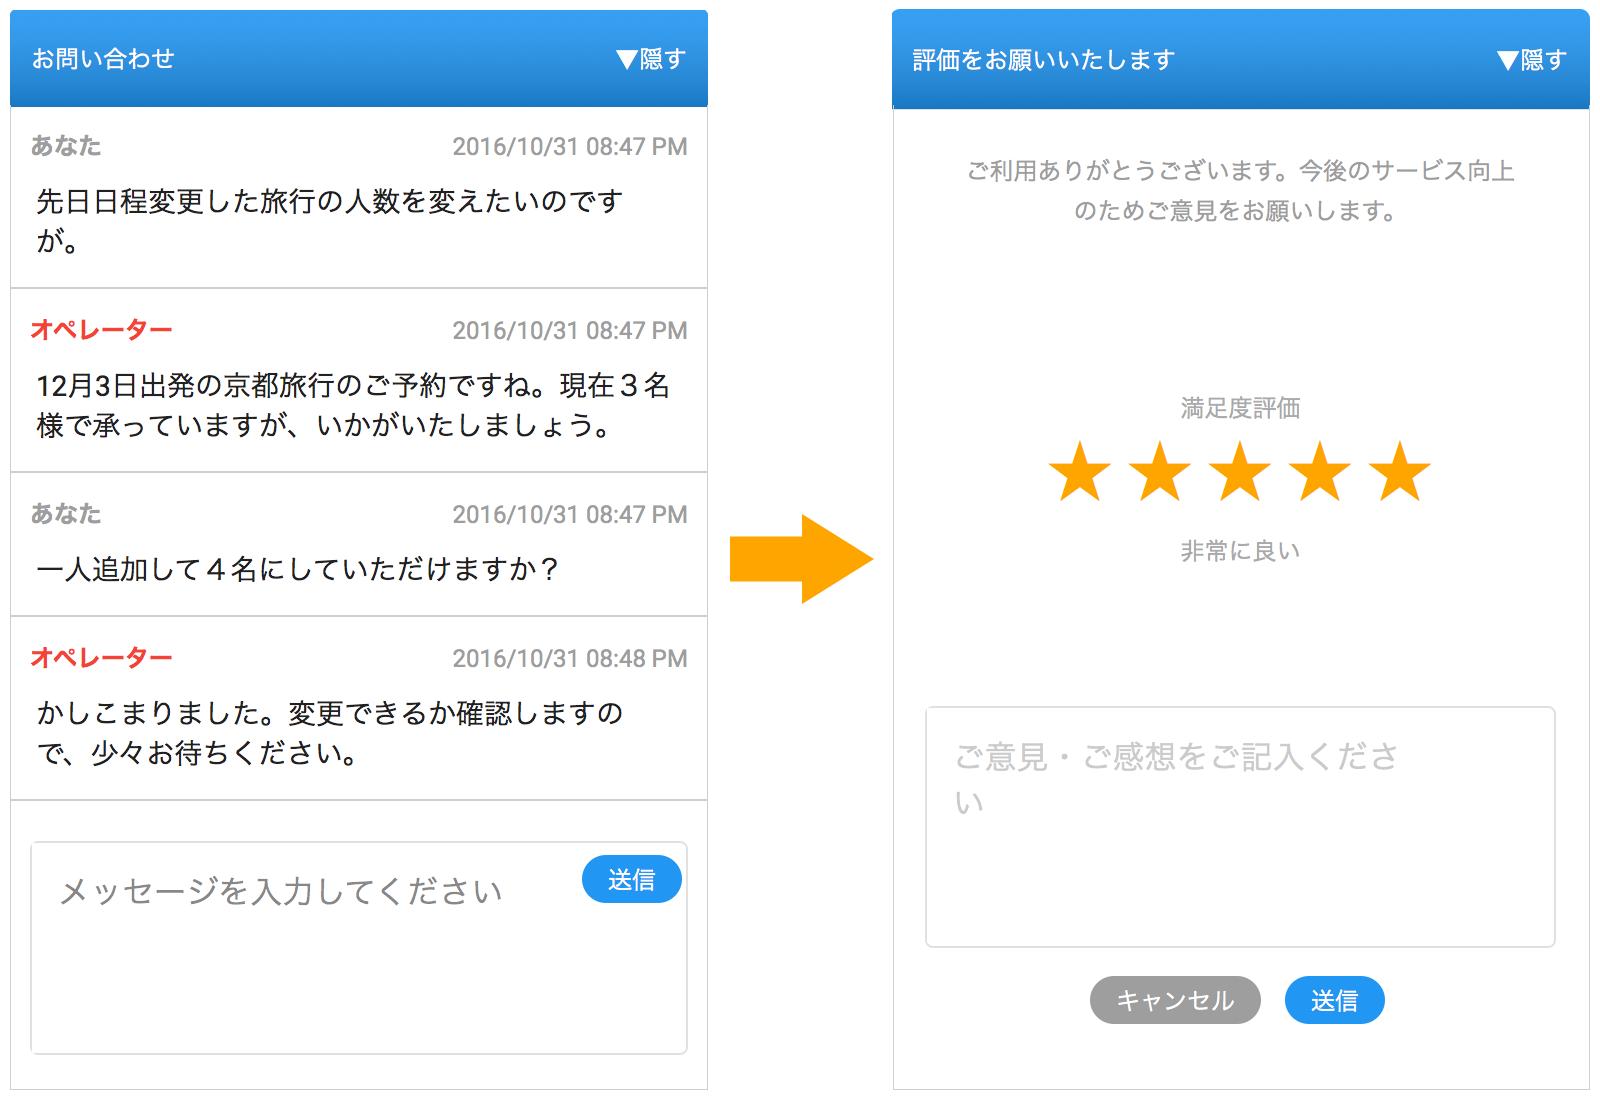 ユーザー満足度評価